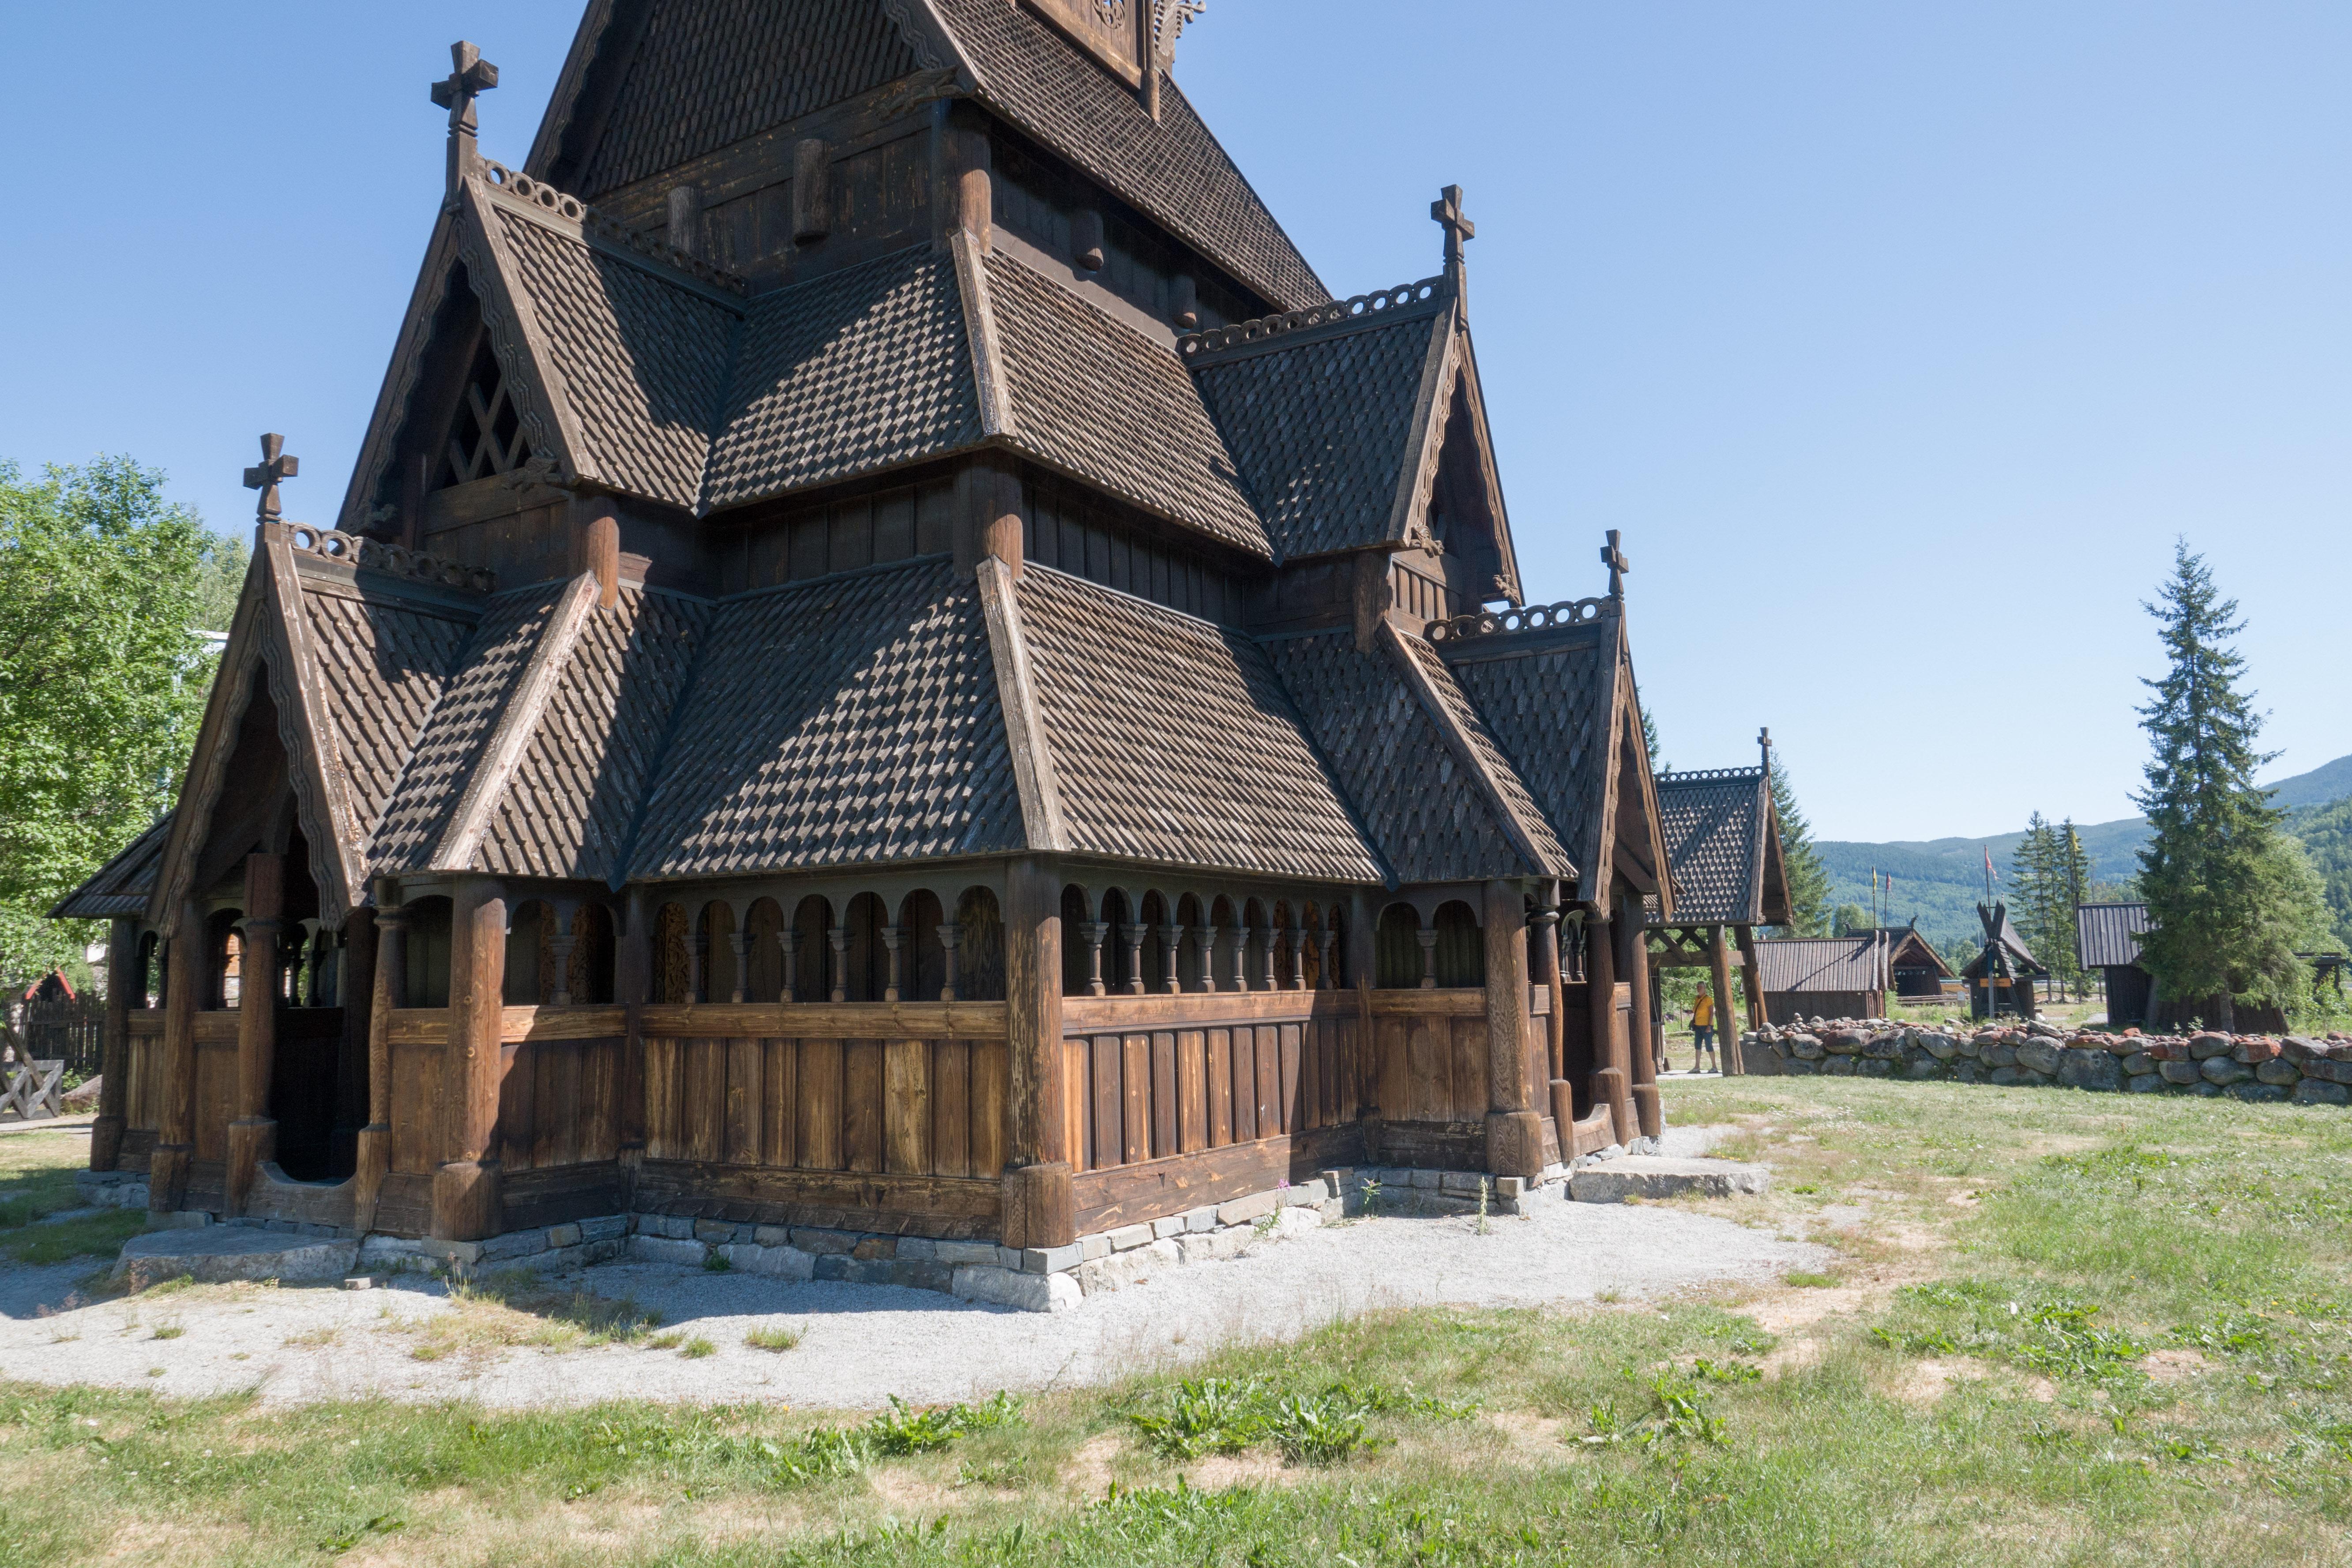 Gol stavkirke, Stabkirche von Gol, Norway_02